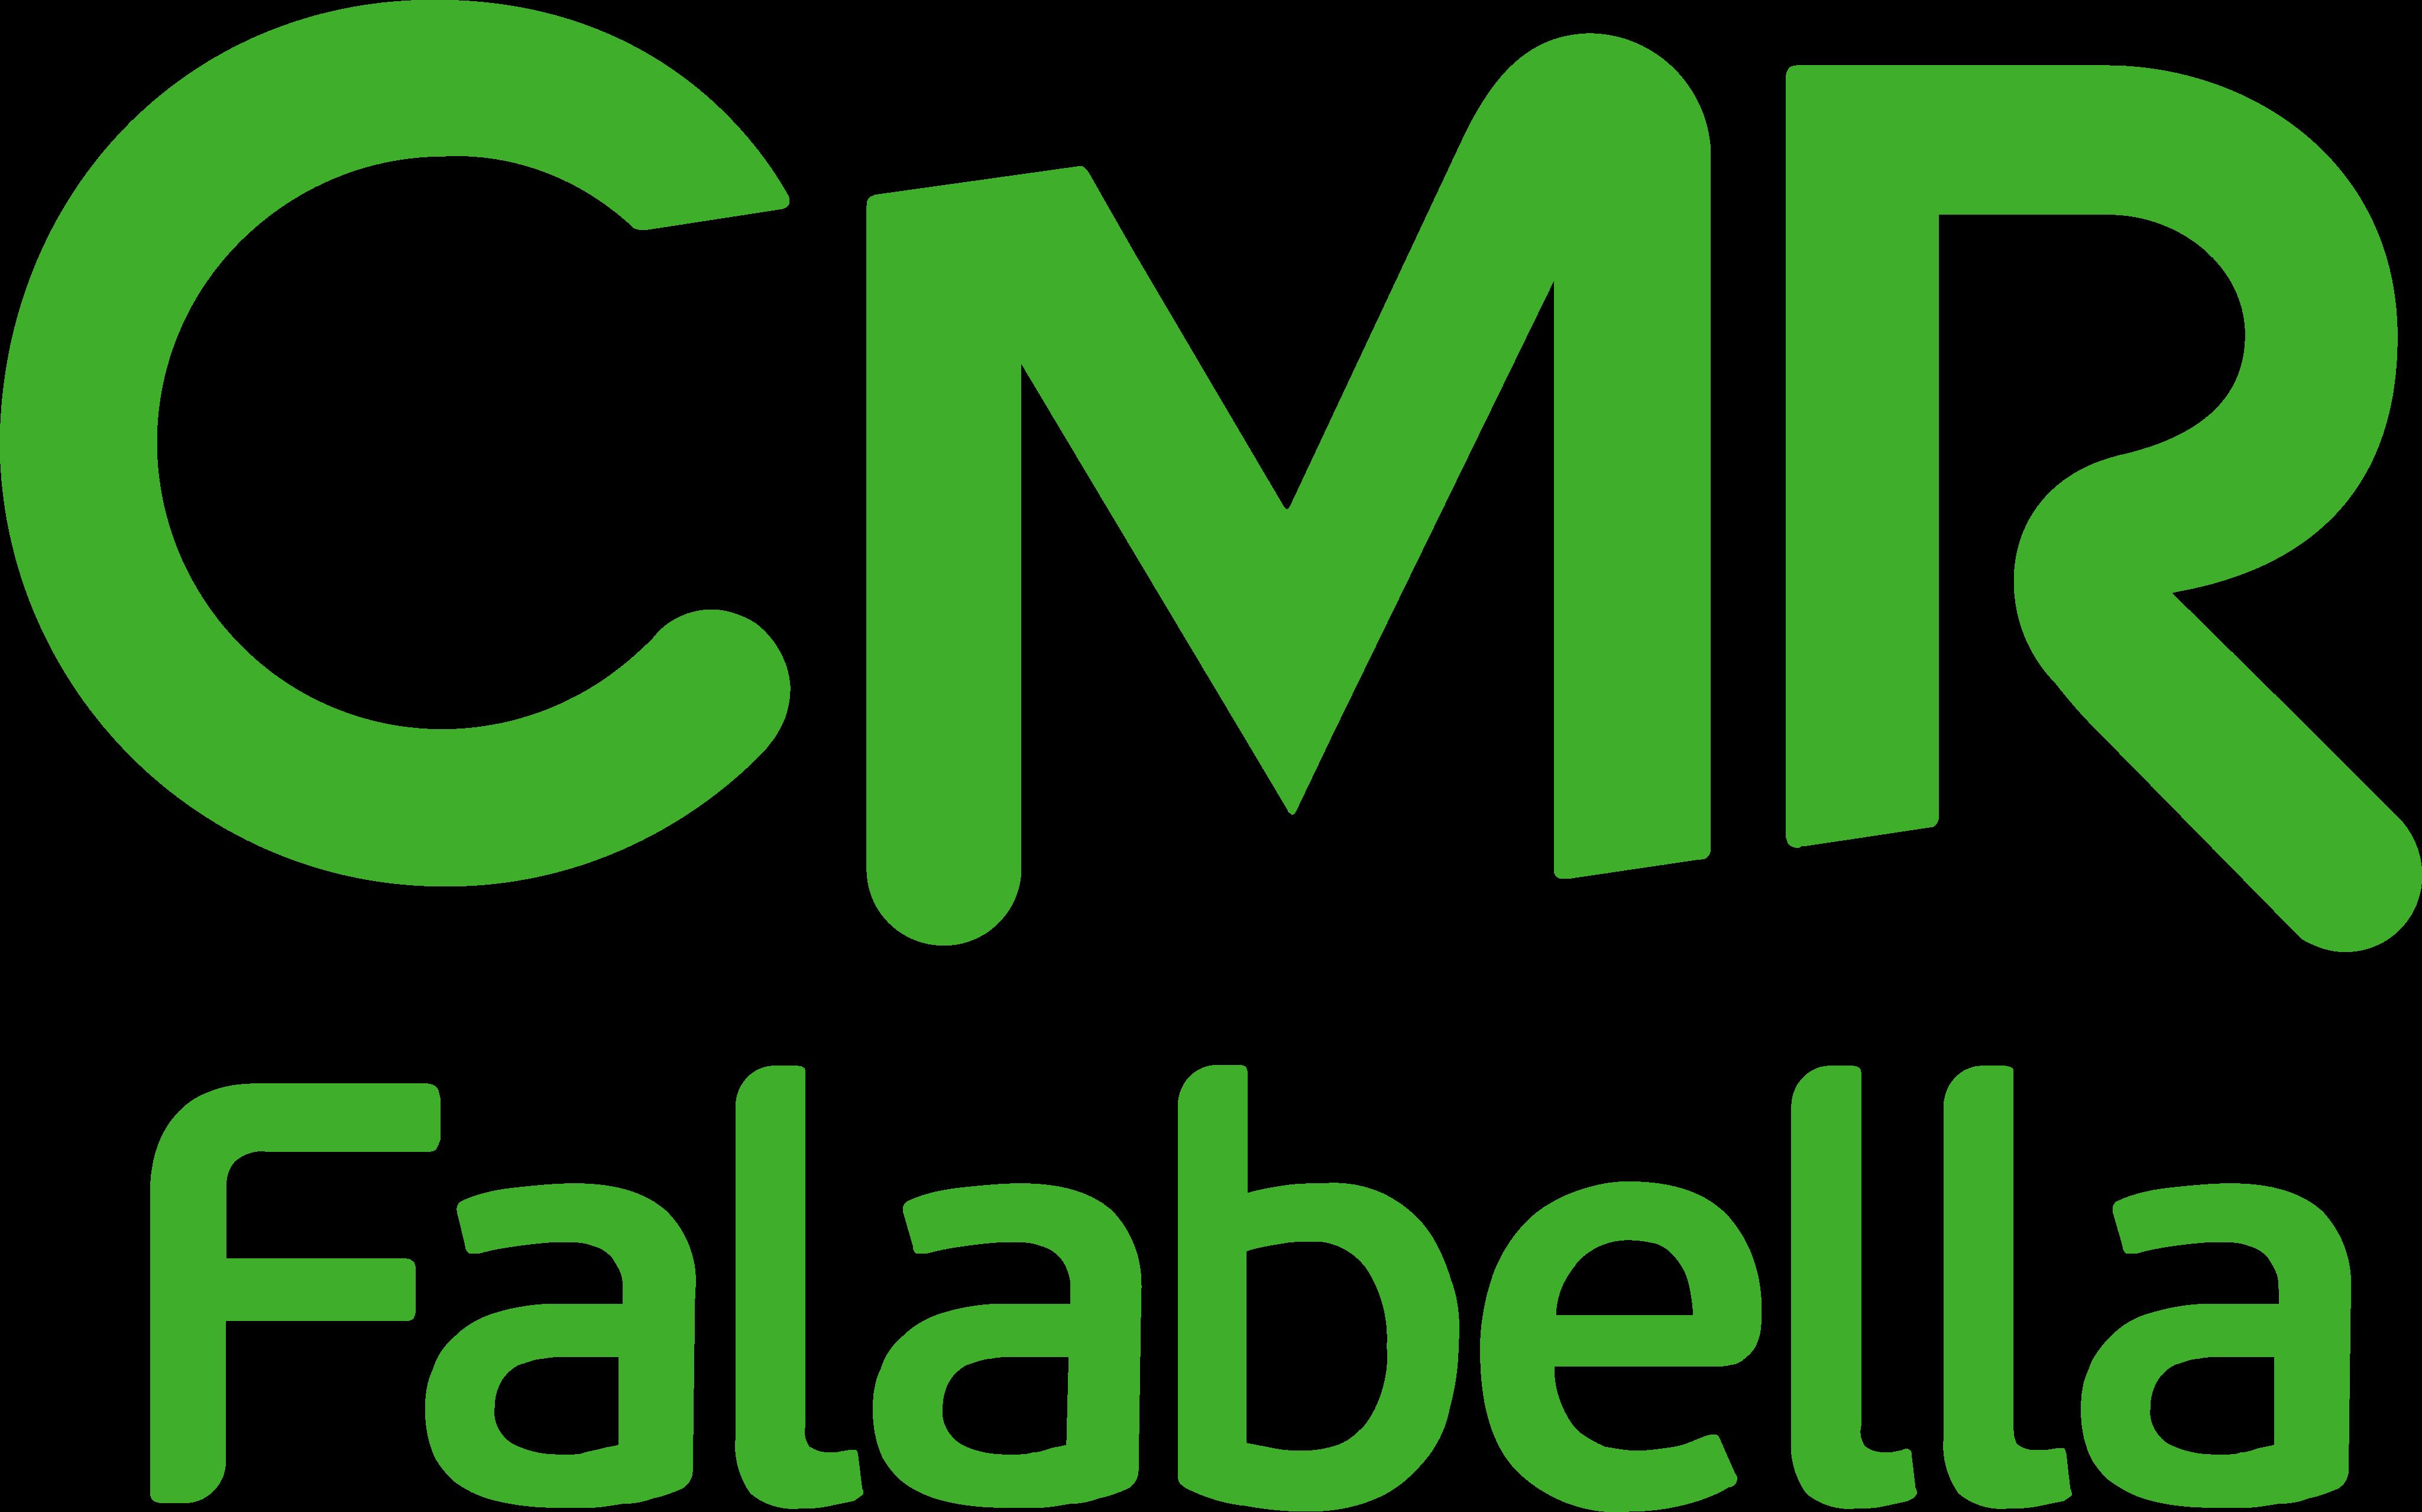 cmr-falabella-logo-1